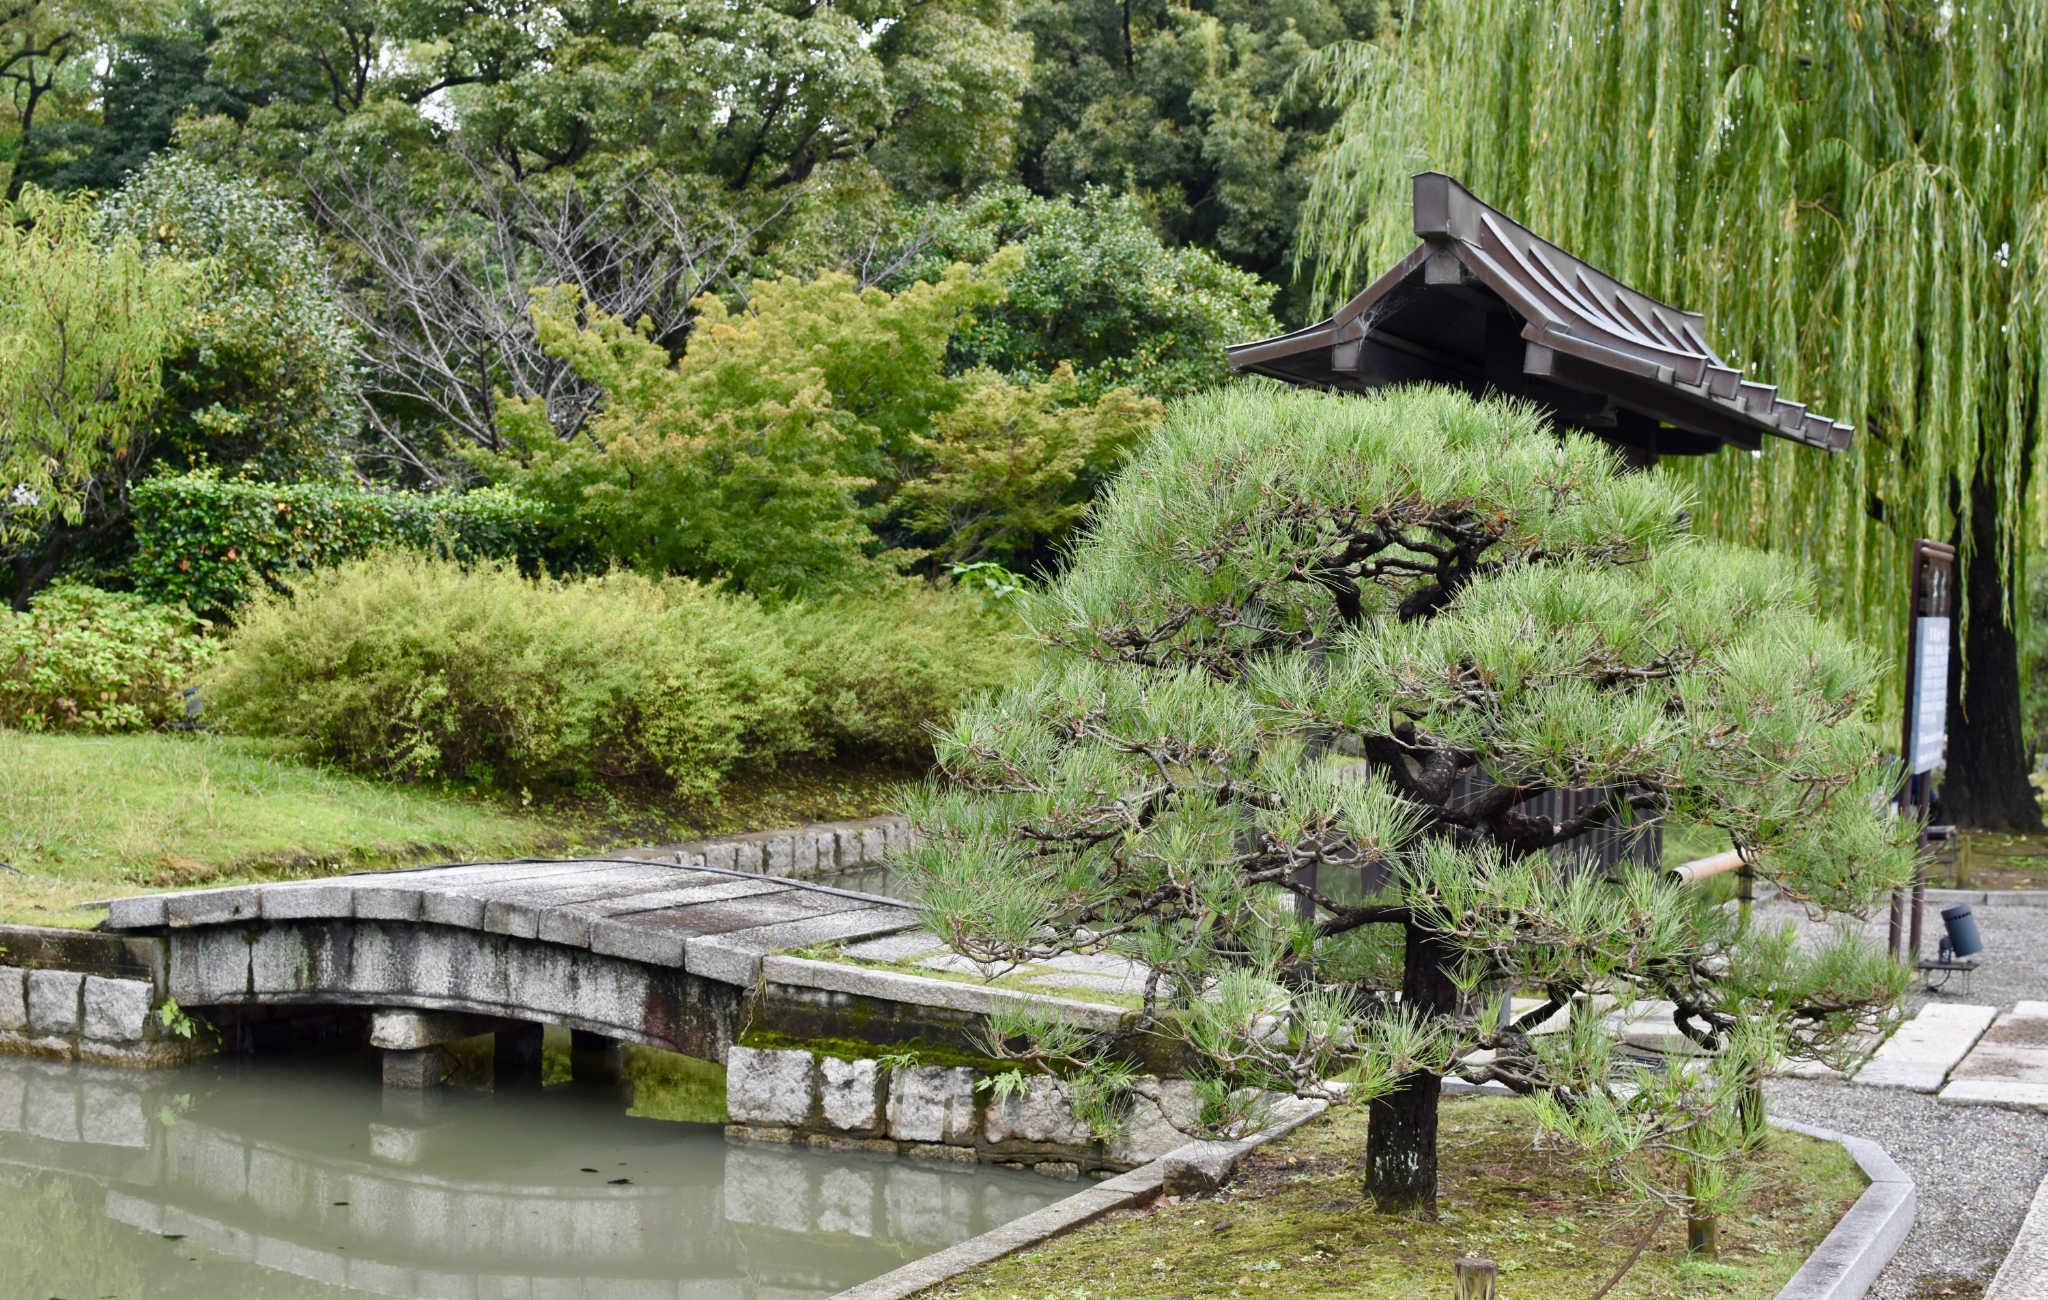 Pins taillés, un pont qui ejambe le plan d'eau, c'est là un jardin typiquement japonais